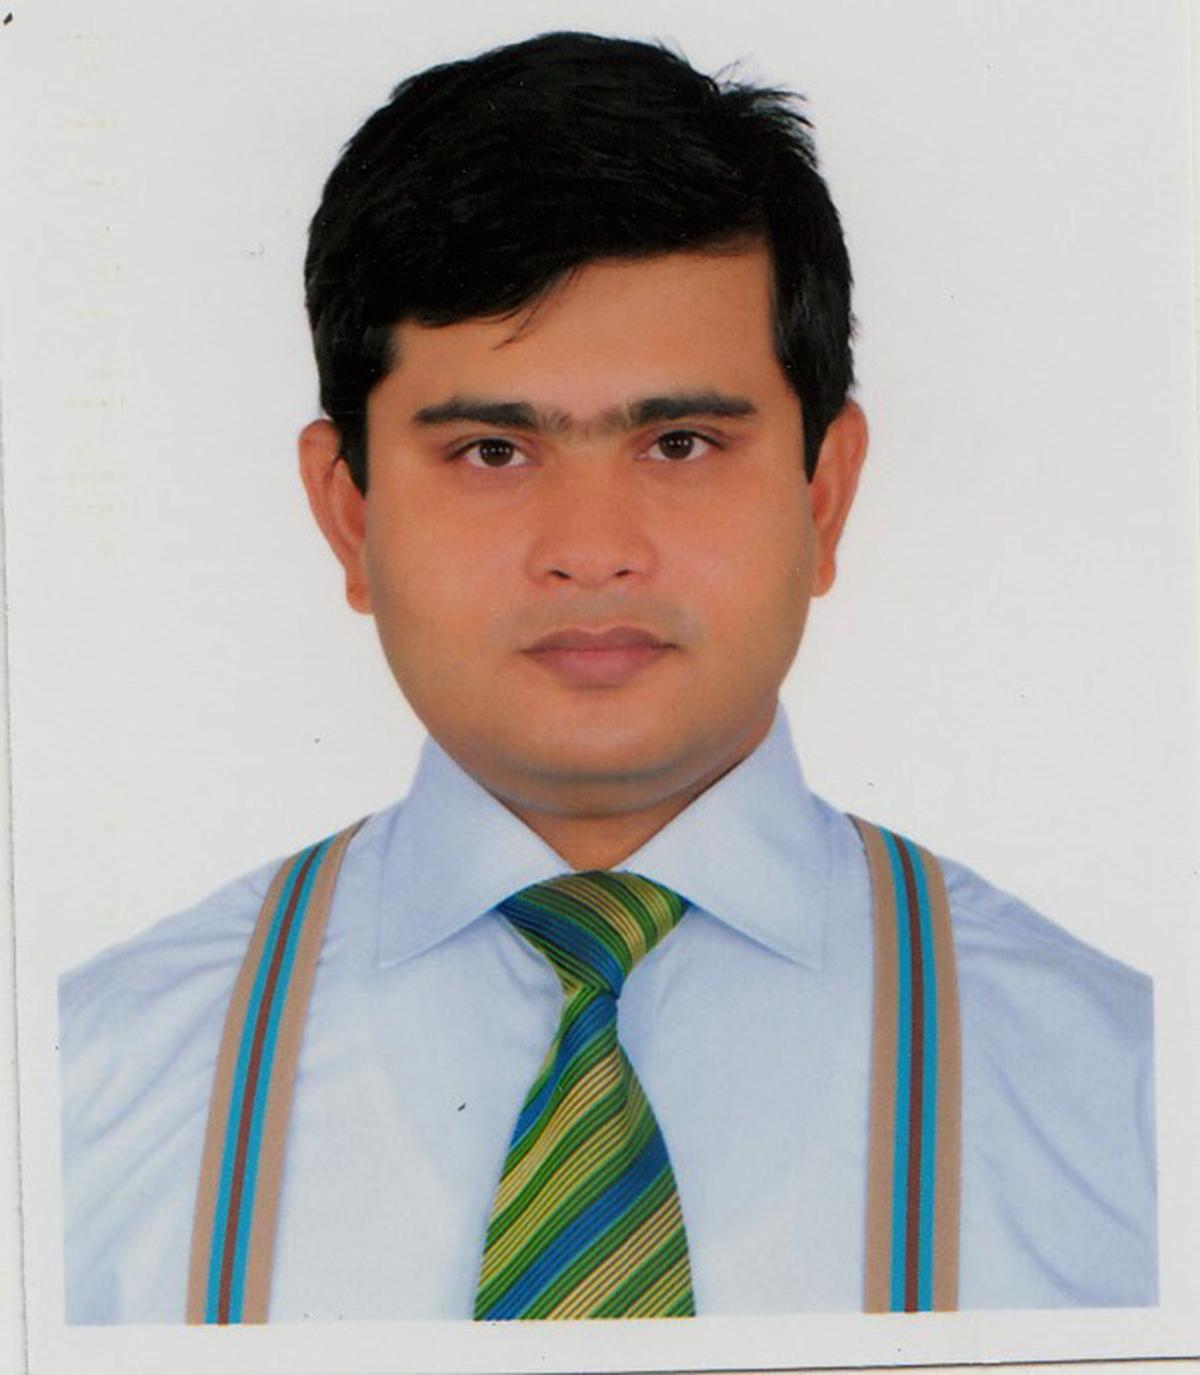 Syed Sekhawat Kamal